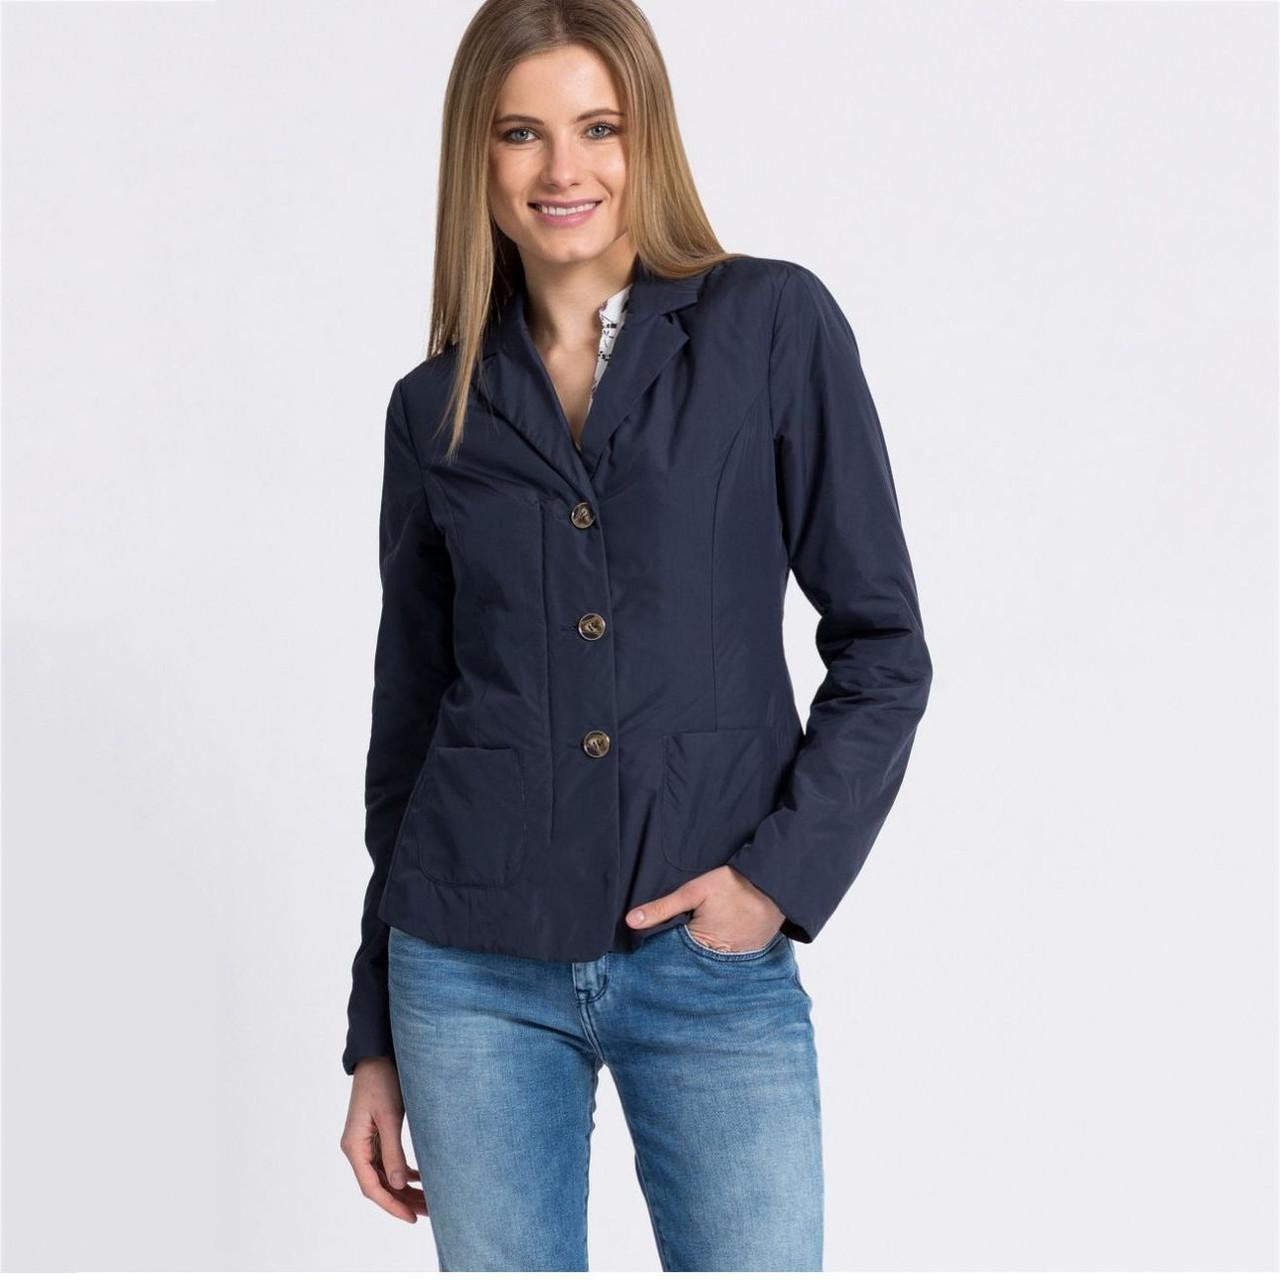 Демисезонная женская куртка Geox W5221G DARK NAVY